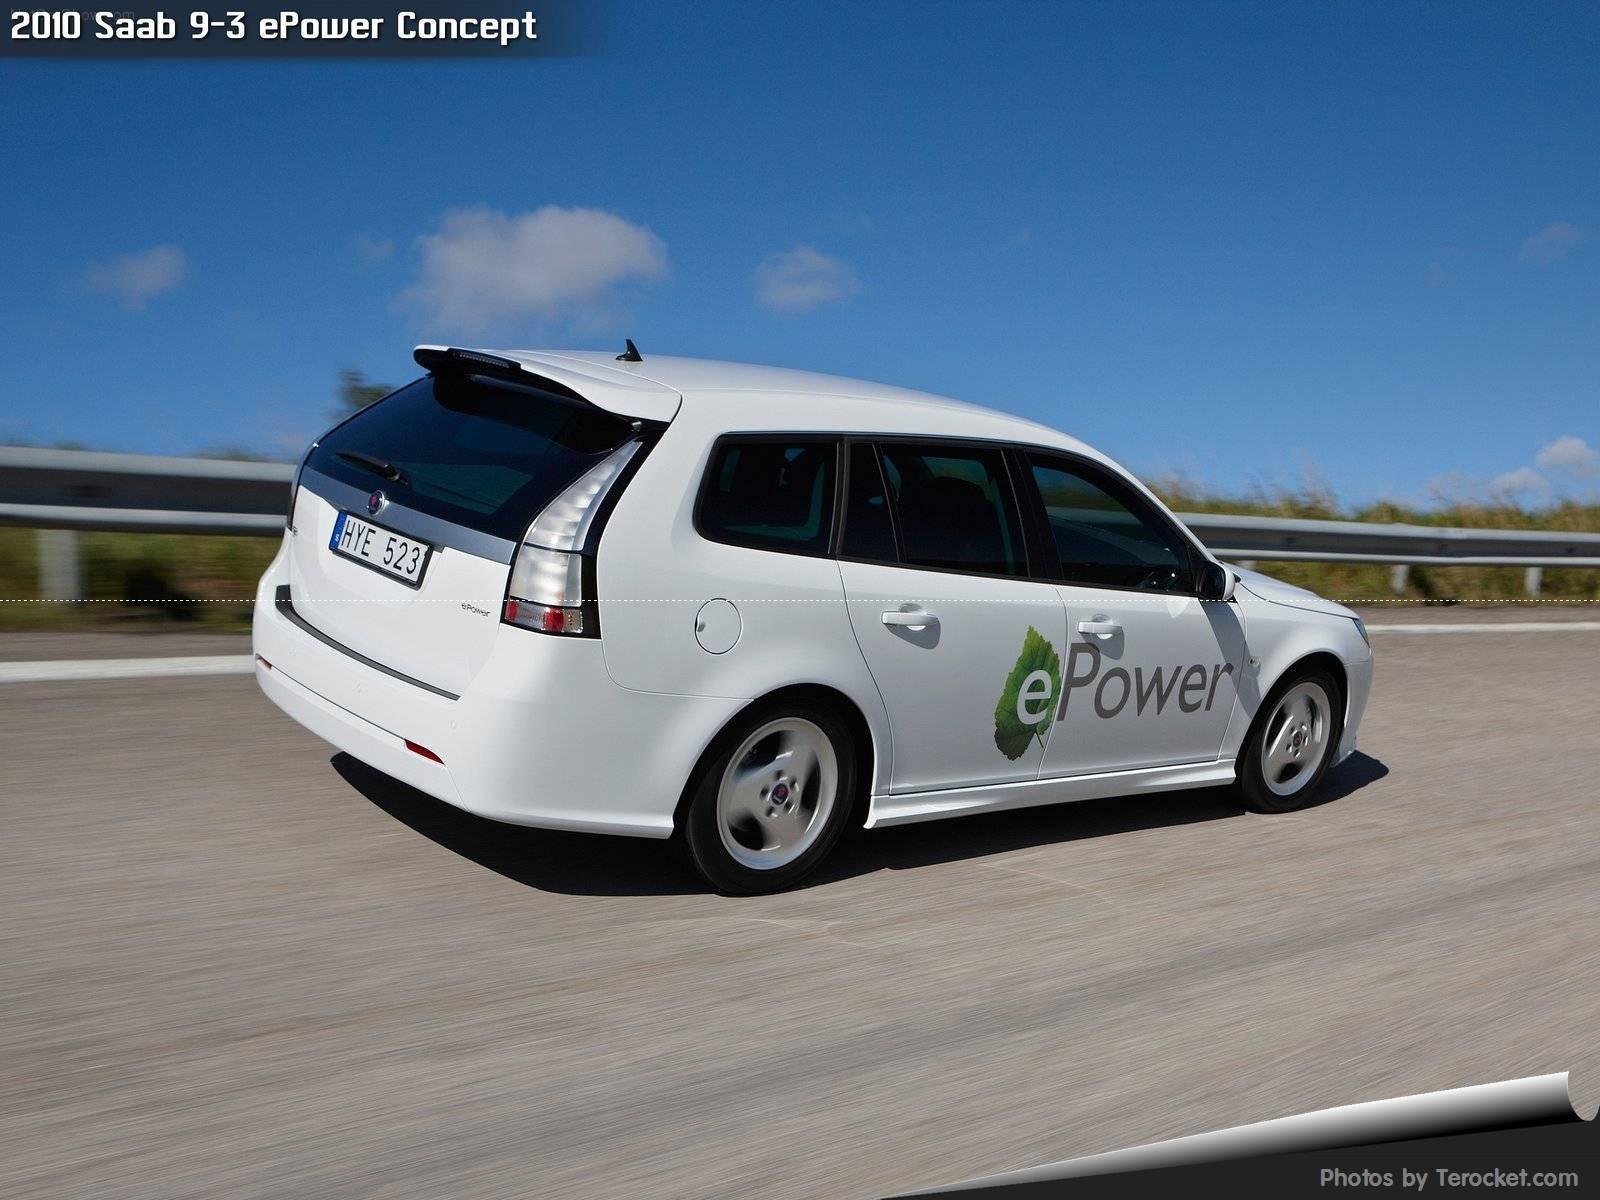 Hình ảnh xe ô tô Saab 9-3 ePower Concept 2010 & nội ngoại thất